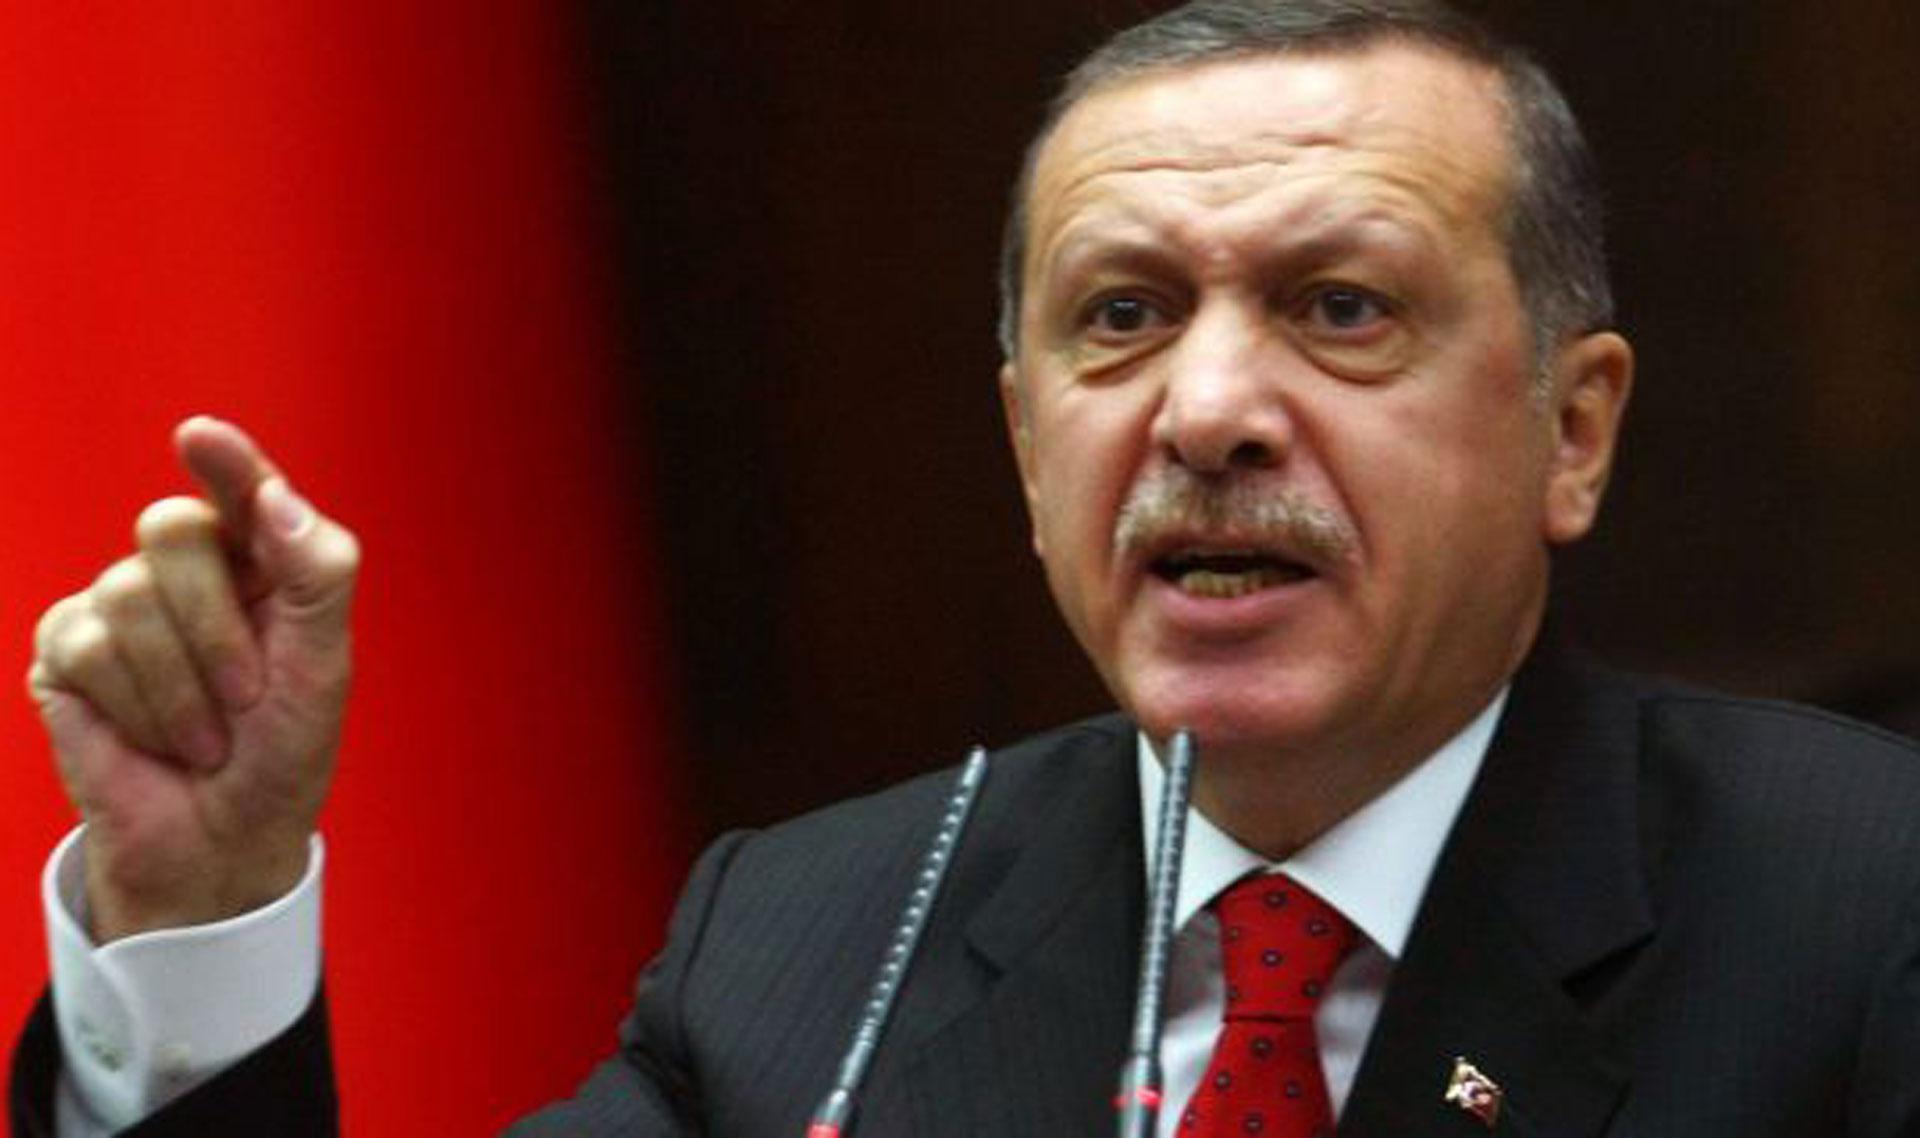 Ισραήλ Αίγυπτος και χώρες της ΕΕ στο στόχαστρο των δηλώσεων του Erdogan